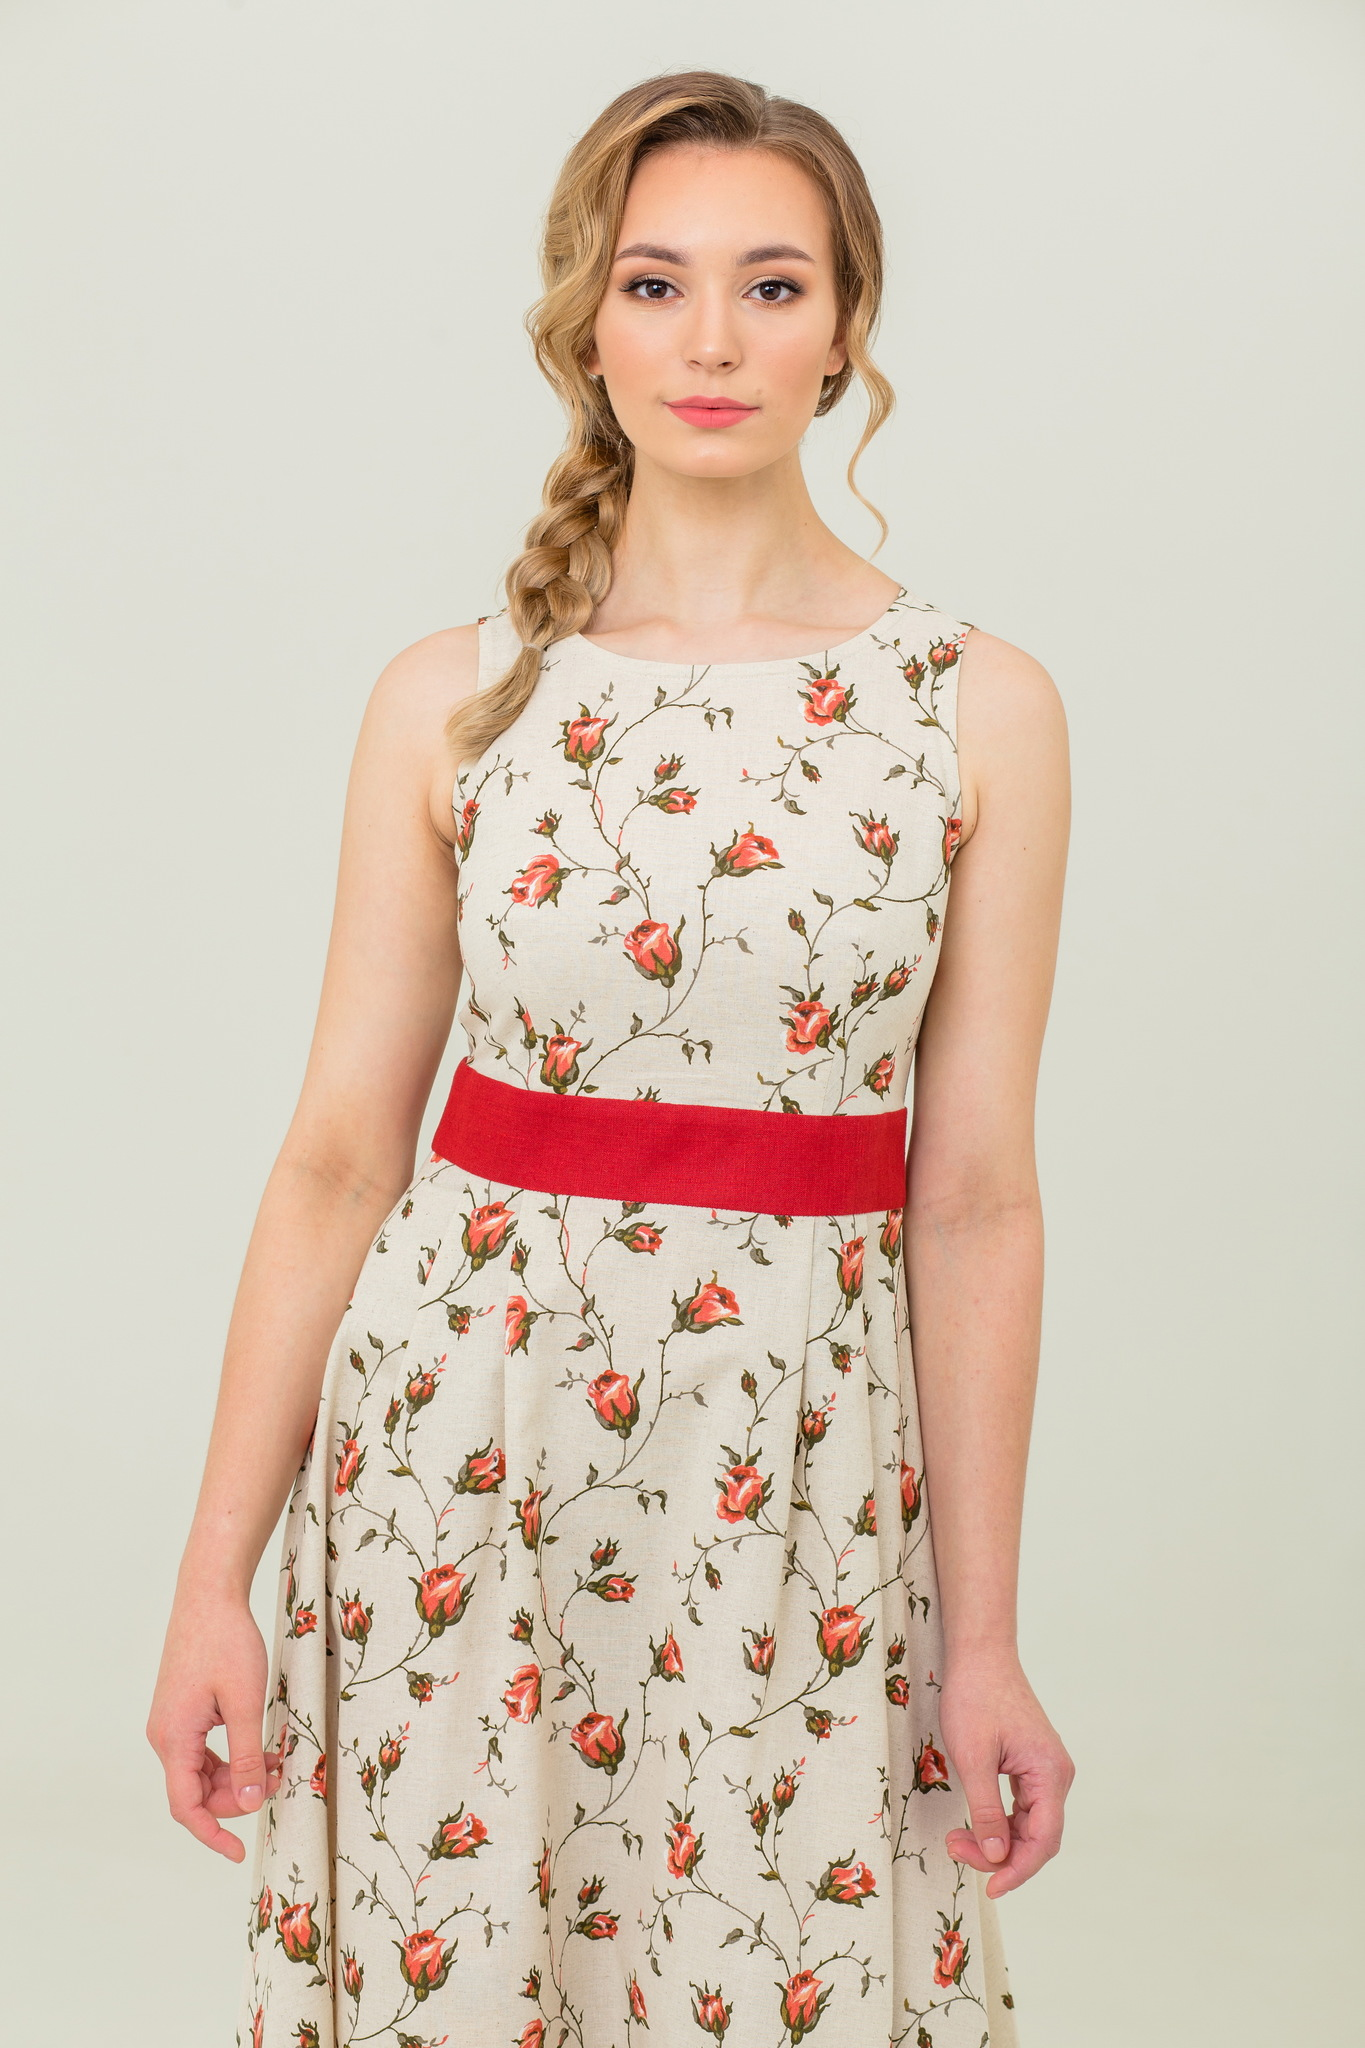 Платье без рукавов на лето длинное Зайцевская роза